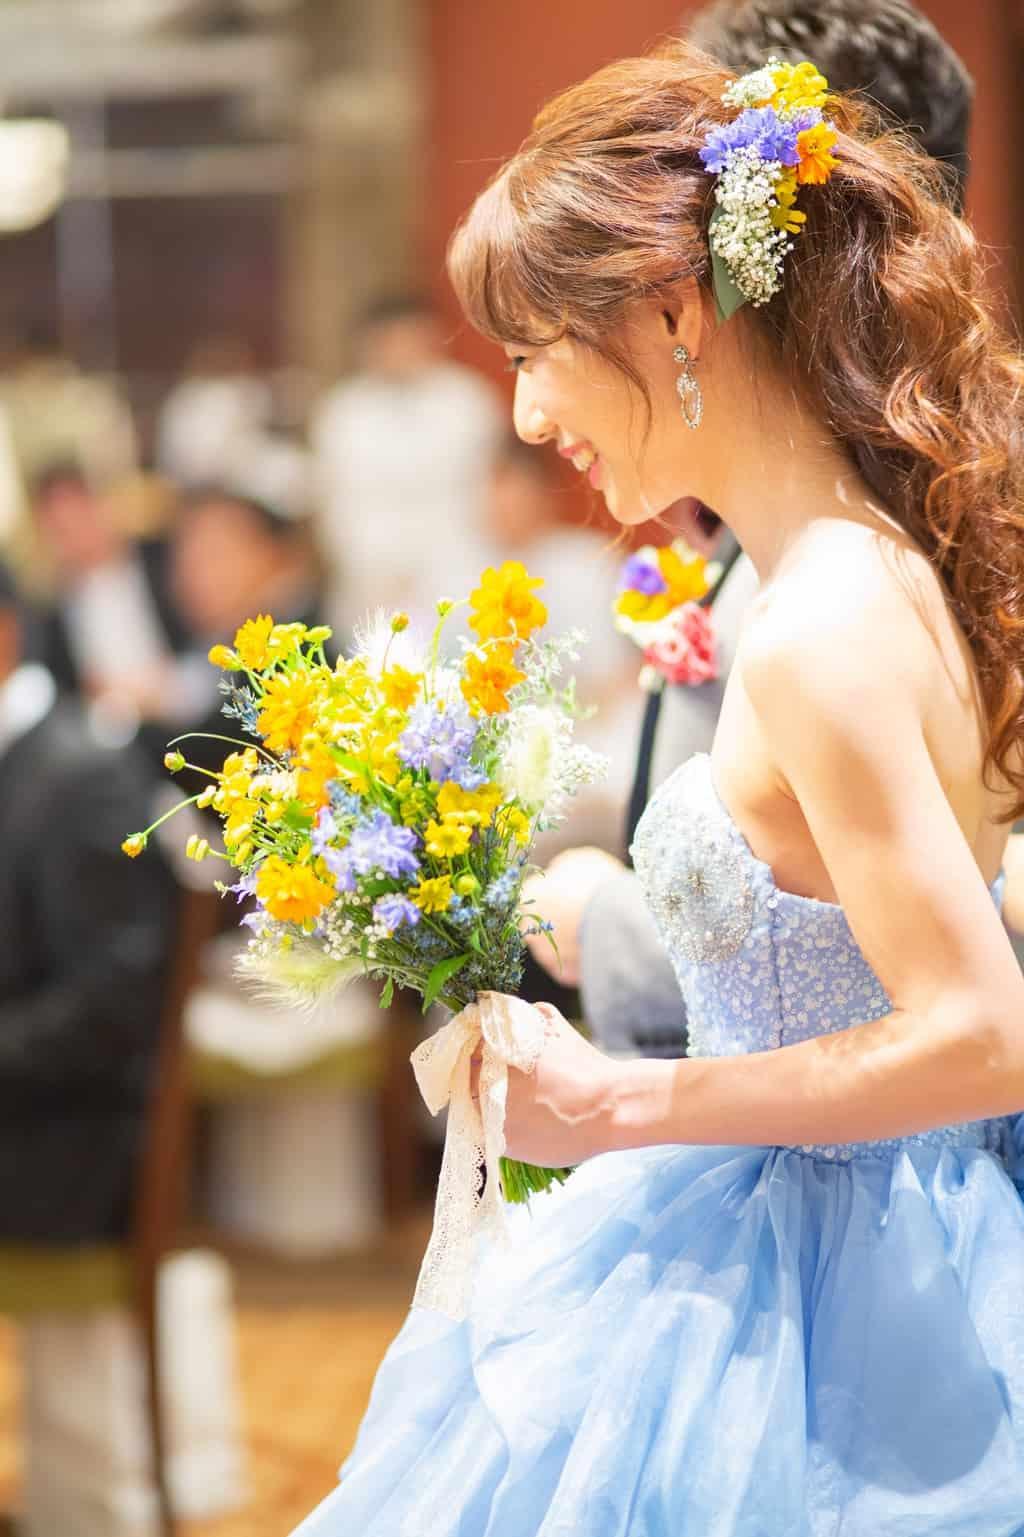 【イエロー×ブルー】爽やかカラーでフォトジェニックな結婚式を♡のカバー写真